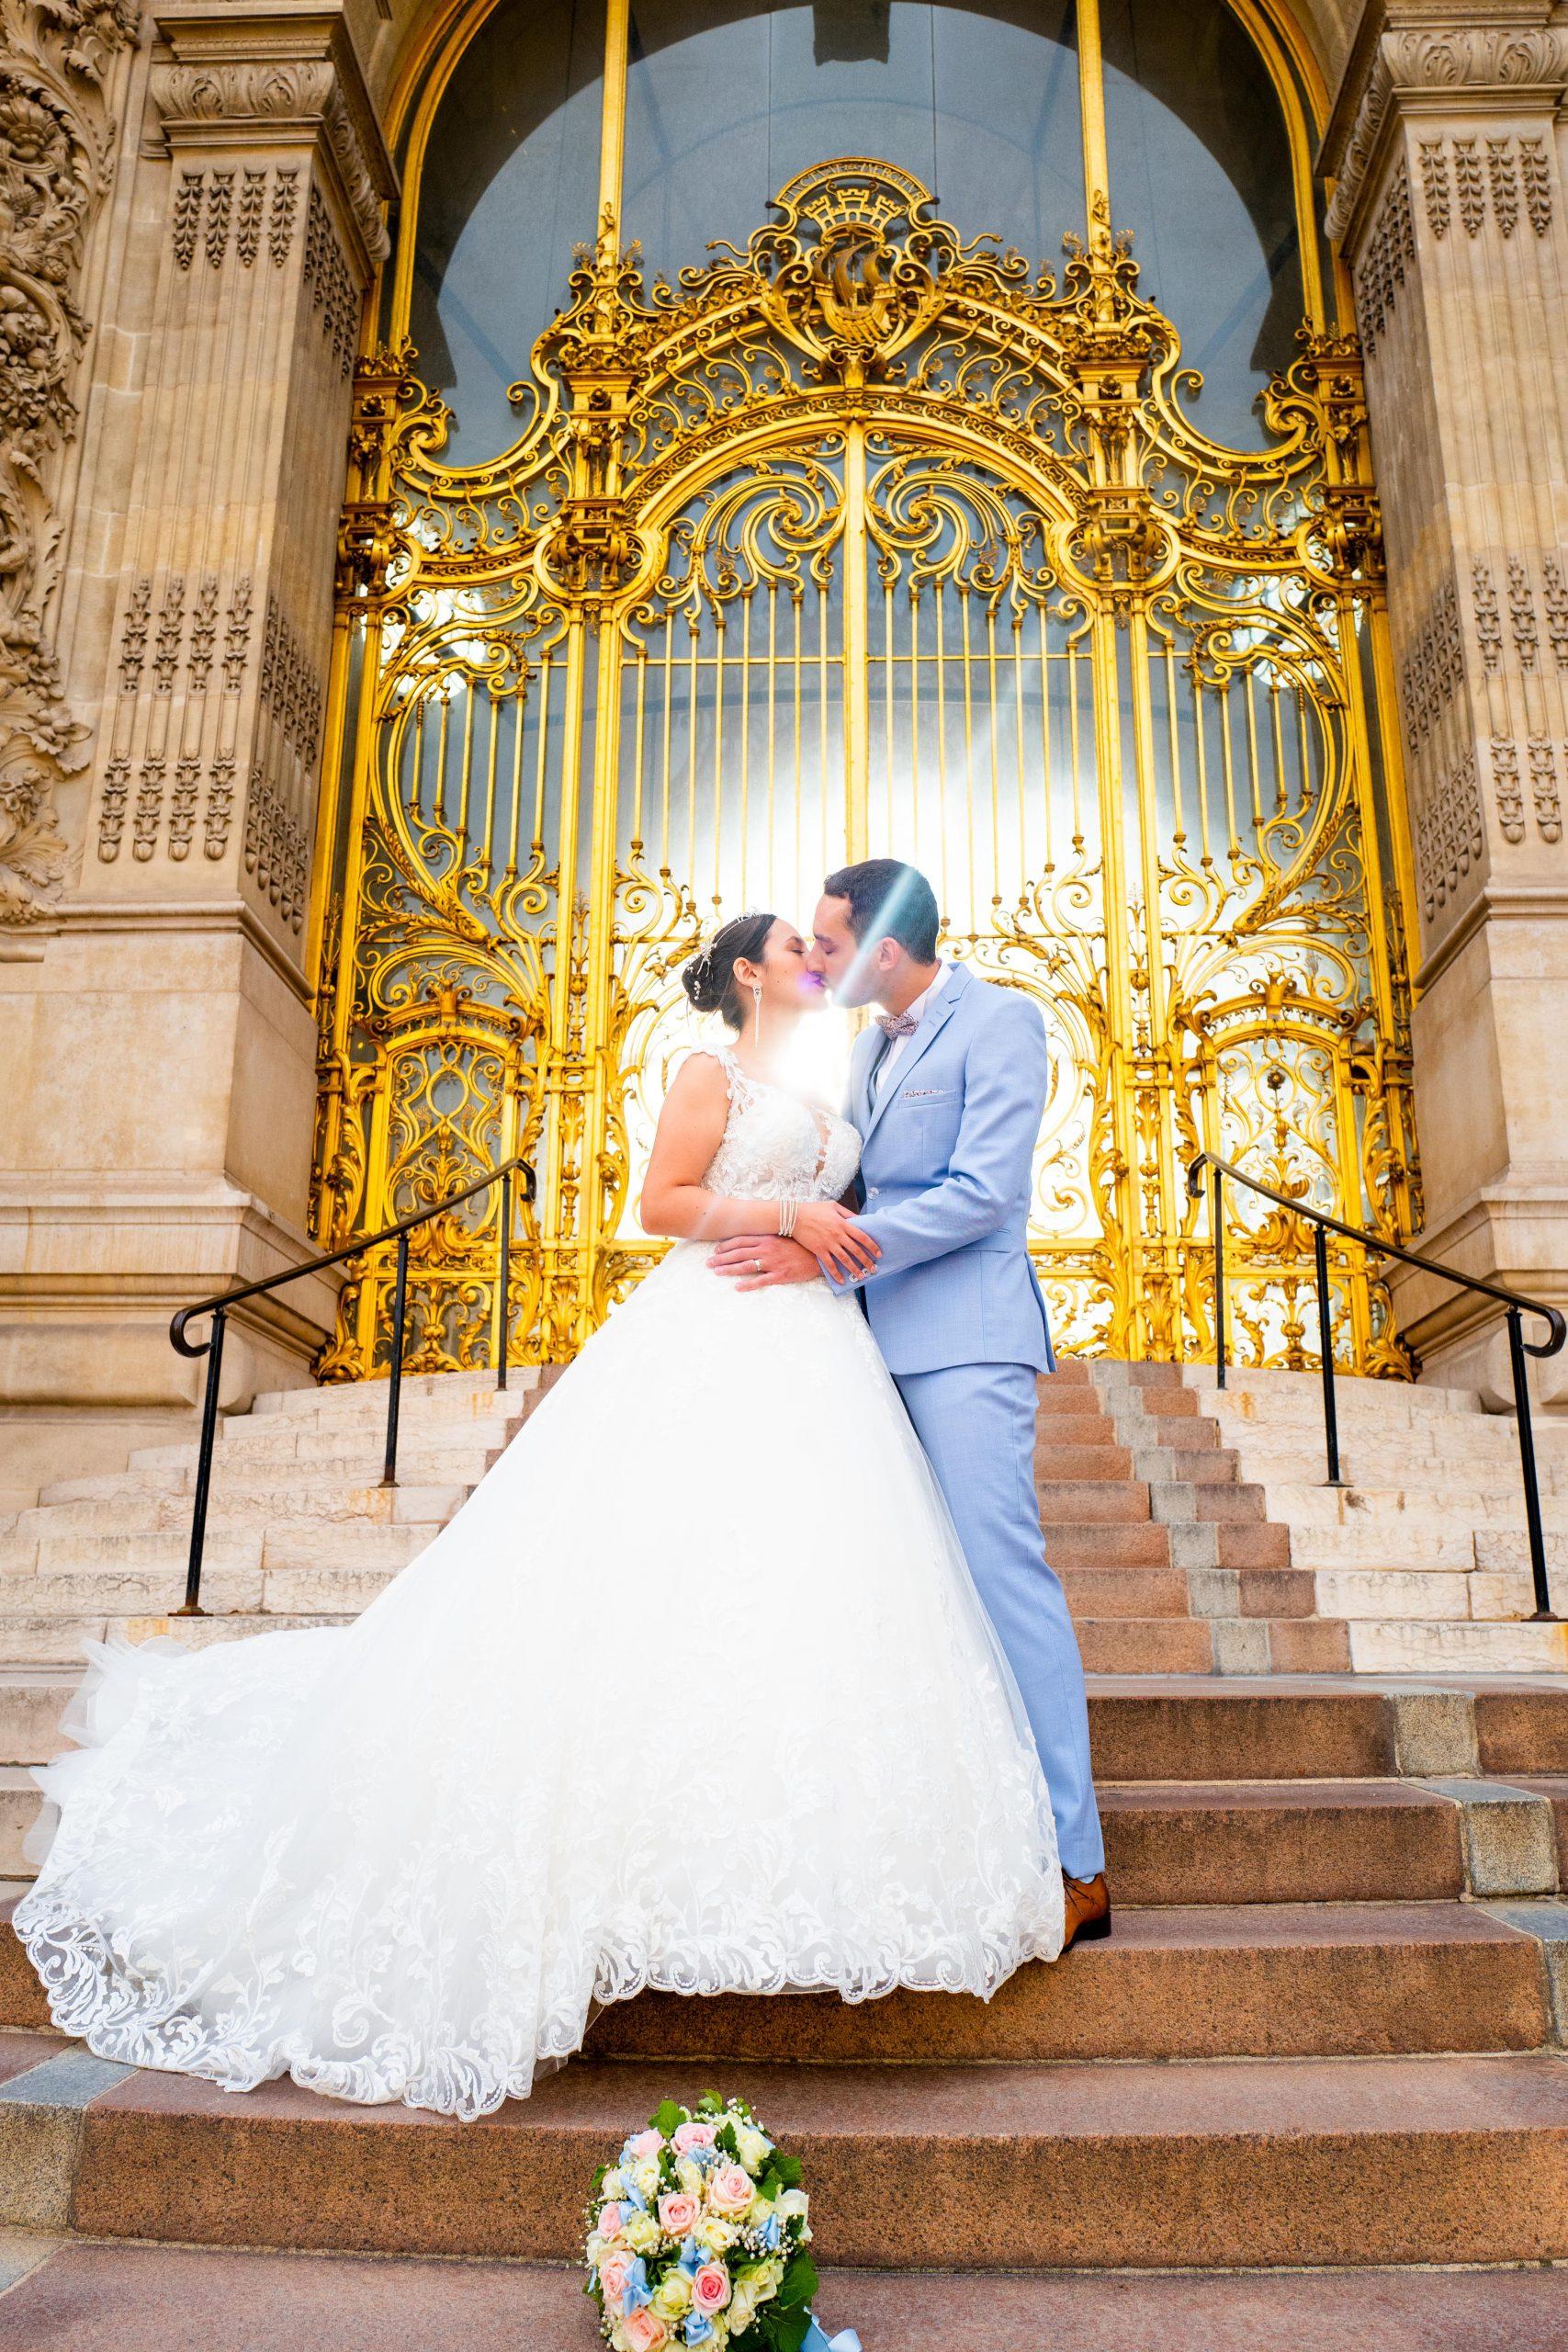 Mariage Paris - Photographie mariage Paris original - Séance couple Porte Dorée- Petit Palais - Paris